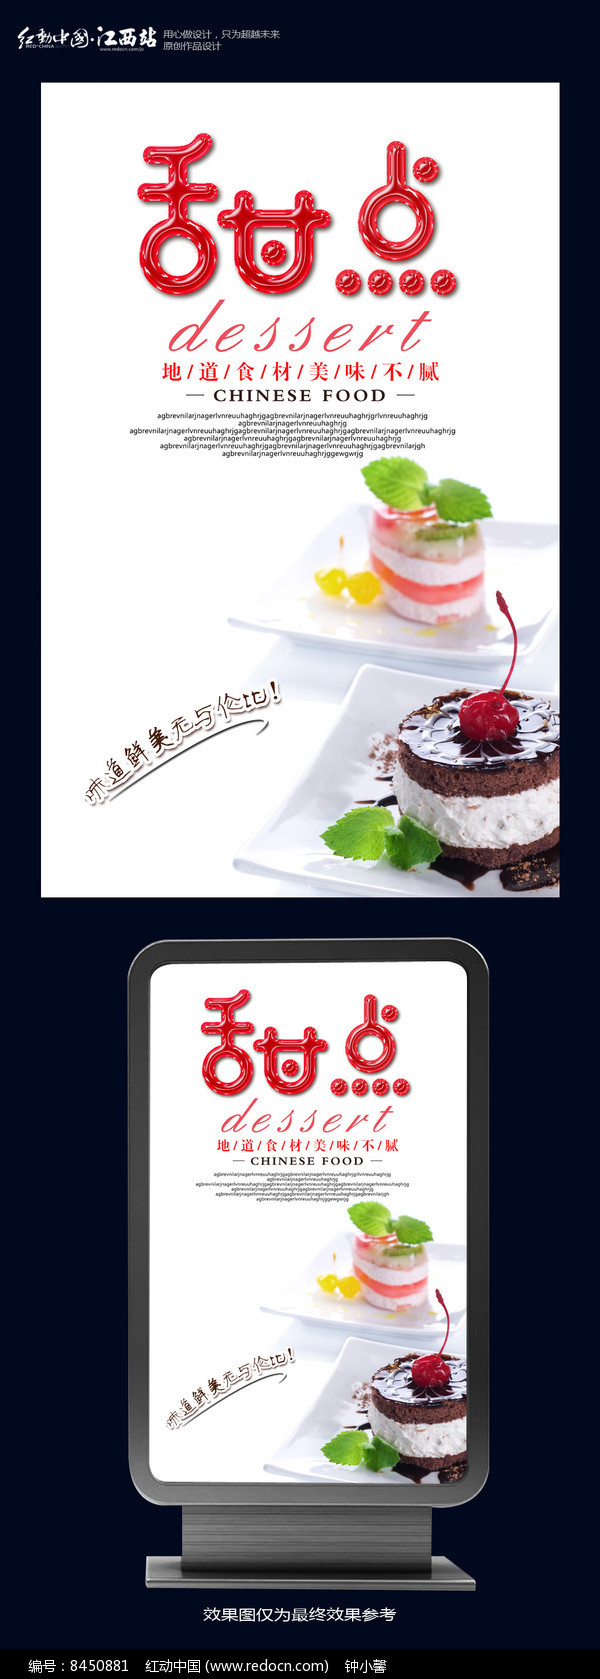 创意美食甜点餐饮海报图片